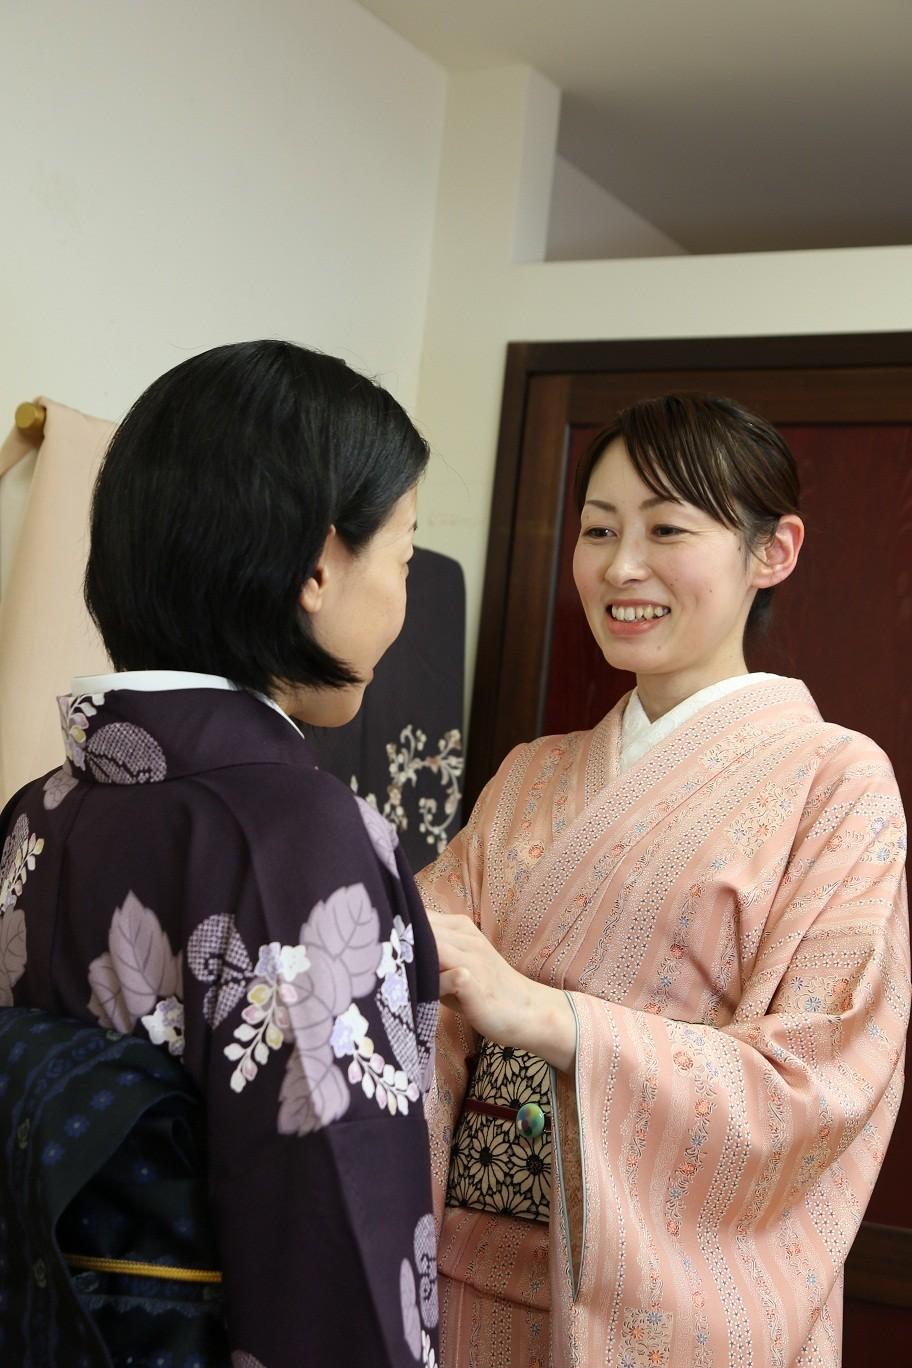 銀座いち利 福岡天神店 のアルバイト情報